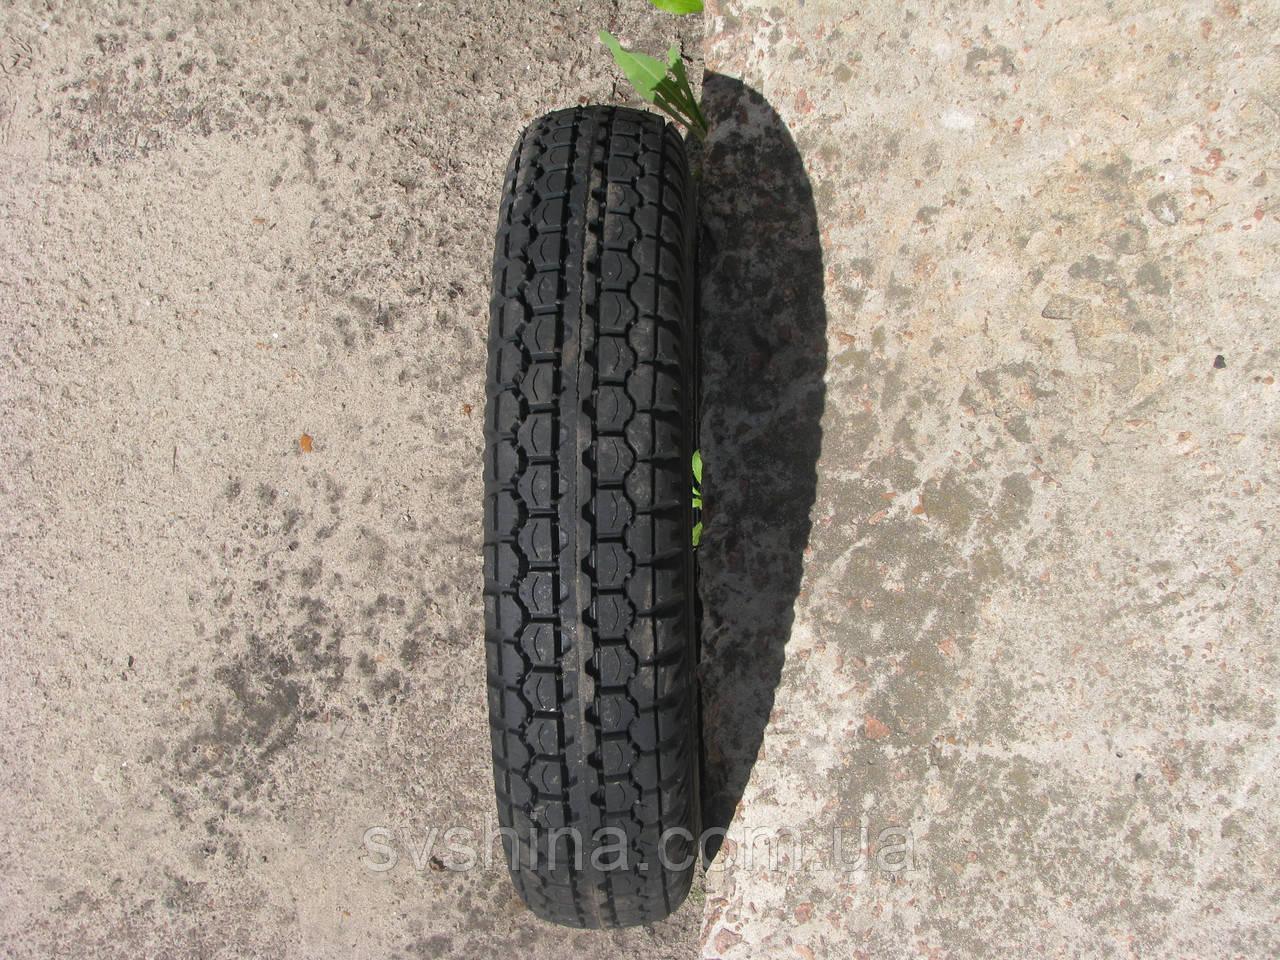 Сельхоз шины 4.00-10 Росава К-96, 4 нс. с камерой